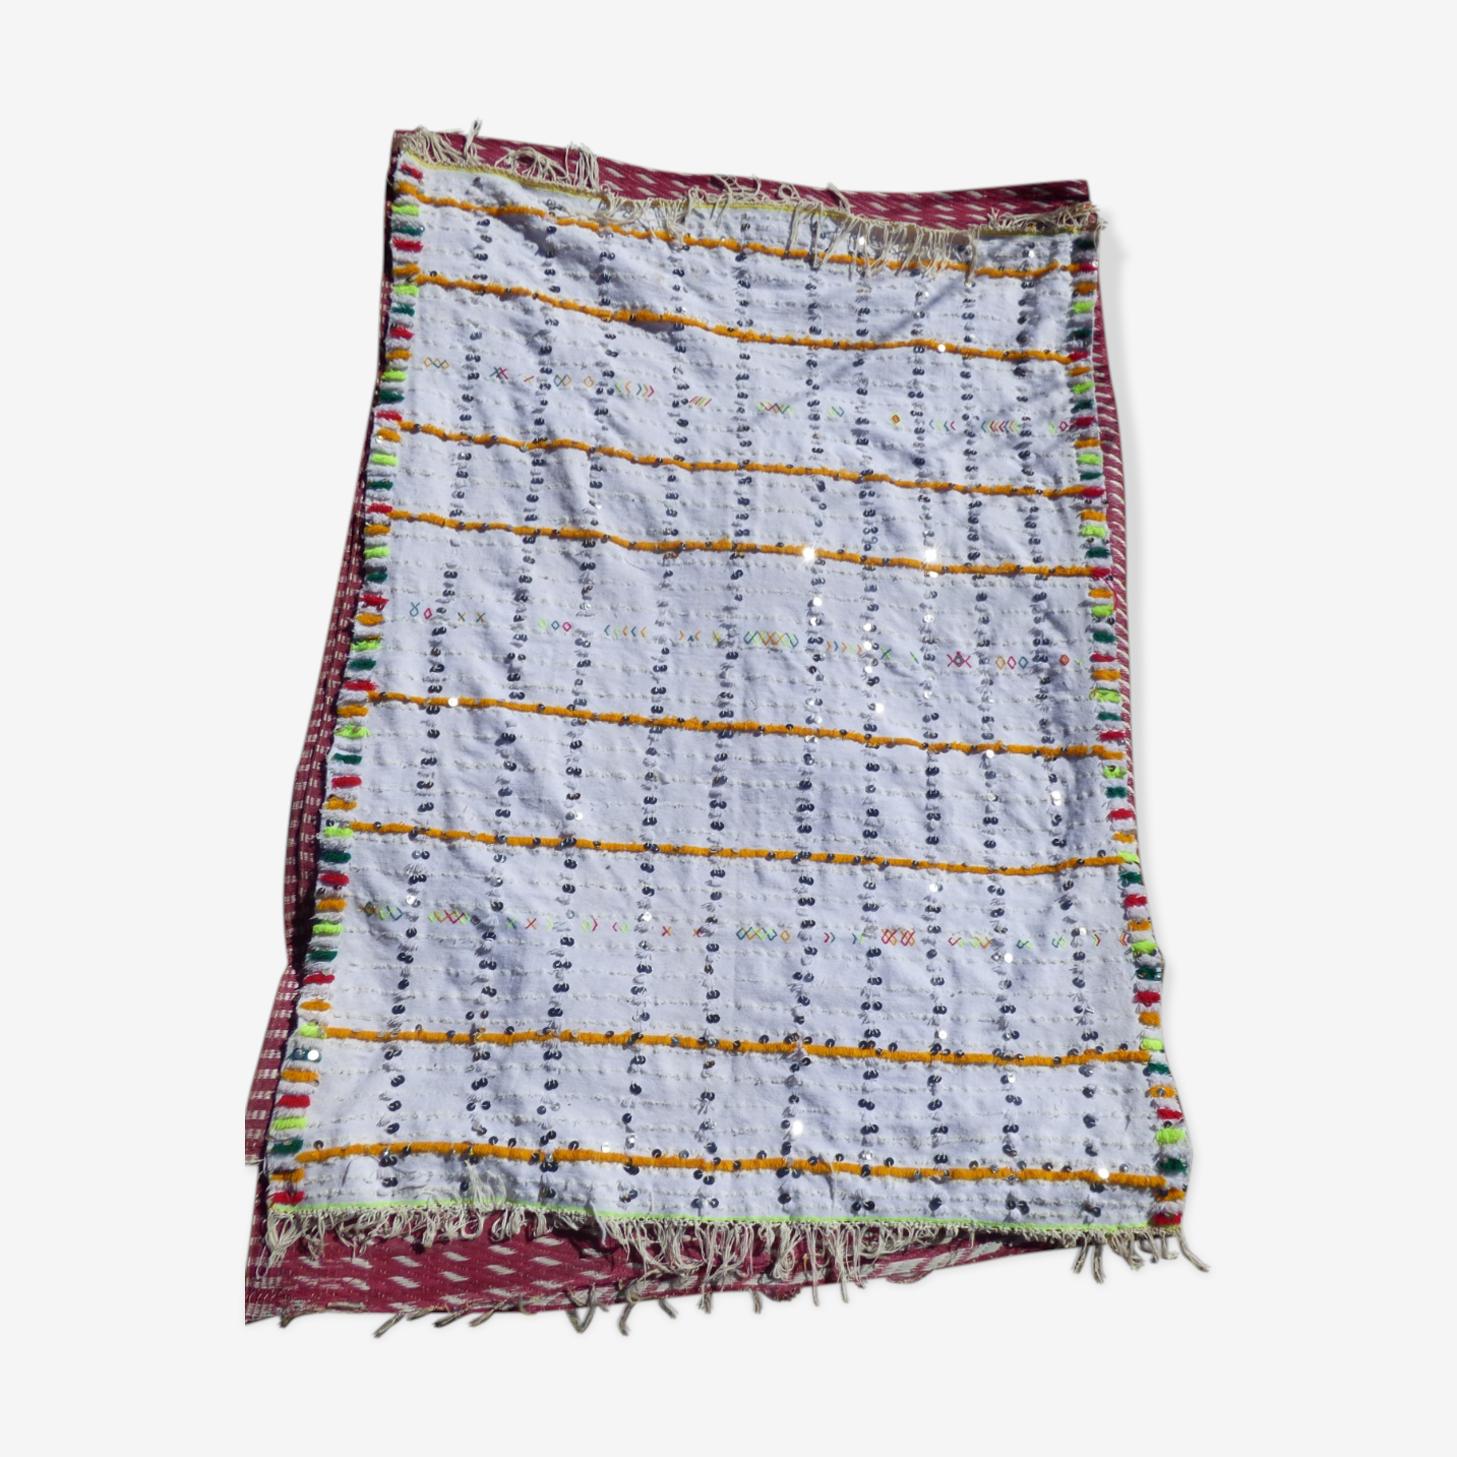 Handira tapis berbère marocain 120x160 cm